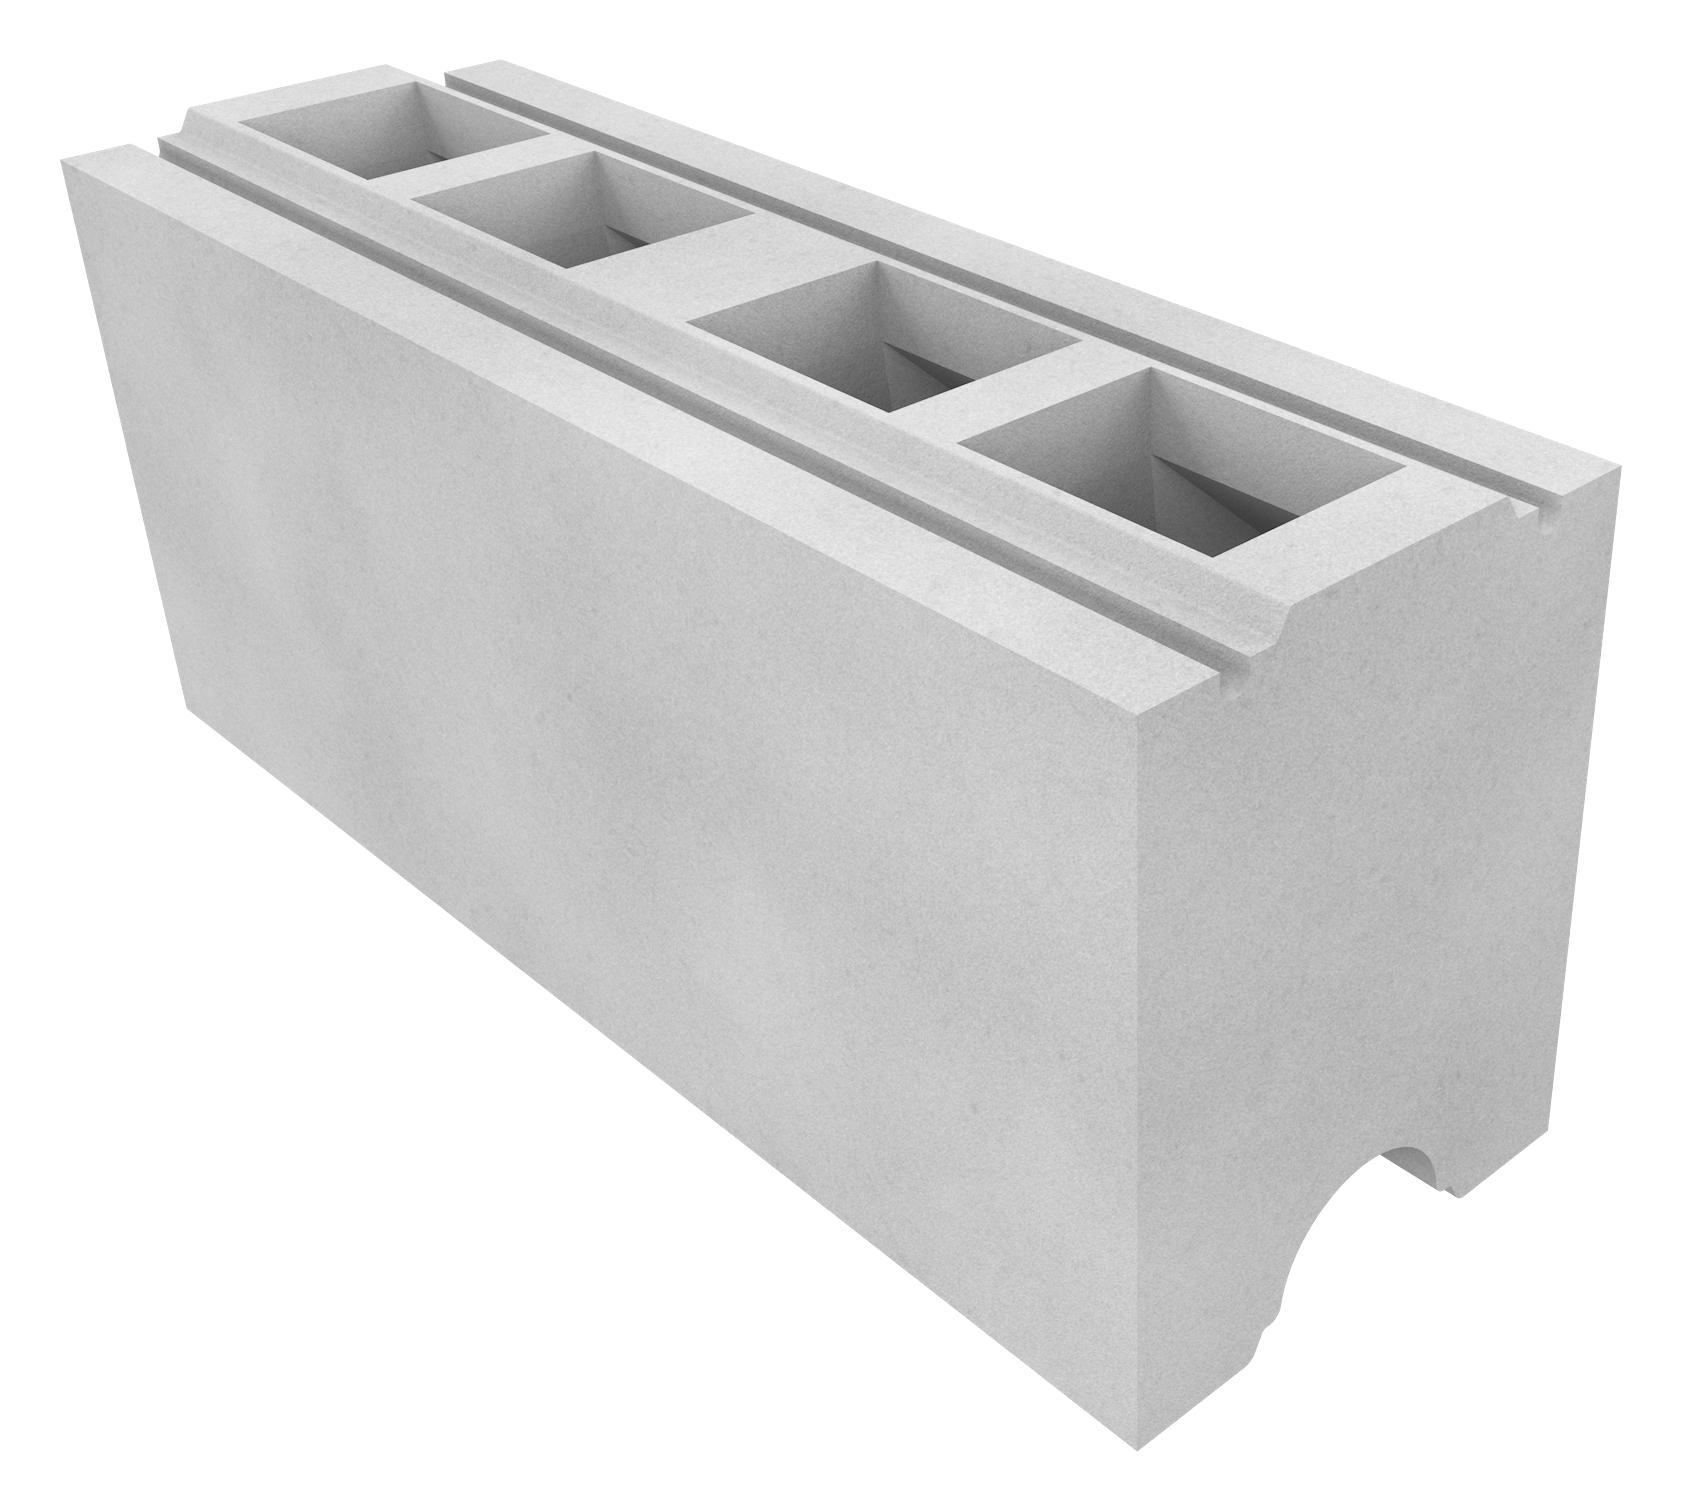 CT高精度脱硫石给拖住了膏空心砌块